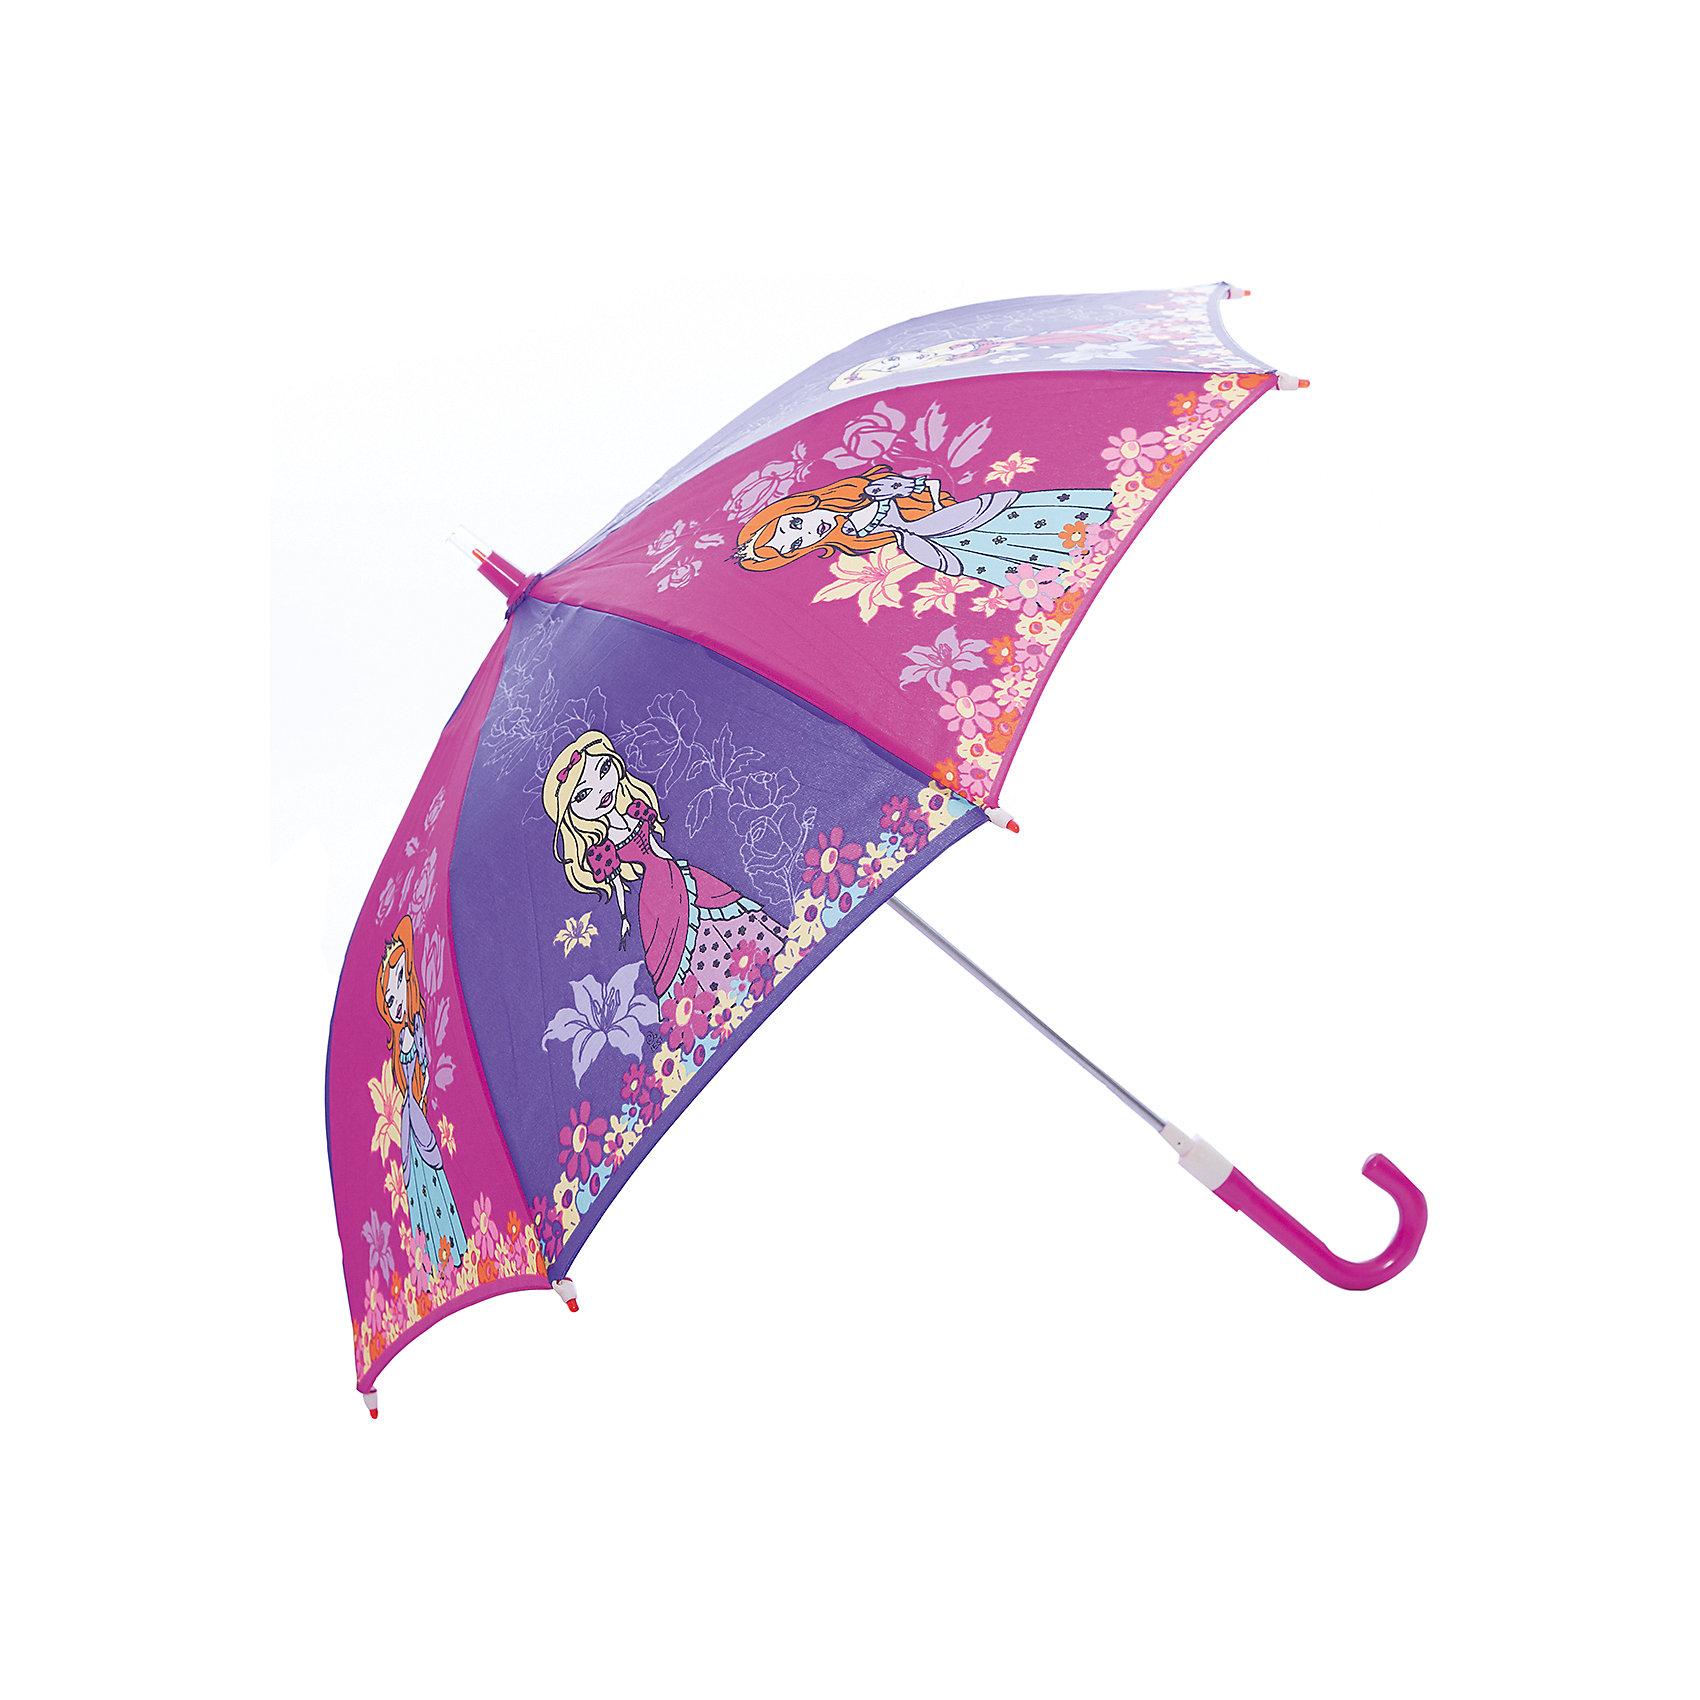 Зонт-трость, детский, рисунок ПринцессыЗонты детские<br>Красочный детский зонтик Zest 21551  со светодиодами (на кончиках спиц и на куполе в центре), трость, механика, 8 спиц, купол 78 см, материал купола полиэстер, ручка зонта из пластика, материал каркаса - сталь. Концы спиц зонтика прикрыты специальными колпачками-лампочками. ВЕТРОУСТОЙЧИВАЯ КОНСТРУКЦИЯ. Внимание! В сильный ветер не эксплуатировать! Зонт может сломаться. Гарантия 6 месяцев, срок службы 5 лет. Необходимы 2 батарейки типа ААА<br><br>Ширина мм: 680<br>Глубина мм: 0<br>Высота мм: 0<br>Вес г: 310<br>Возраст от месяцев: 36<br>Возраст до месяцев: 2147483647<br>Пол: Унисекс<br>Возраст: Детский<br>SKU: 5511988